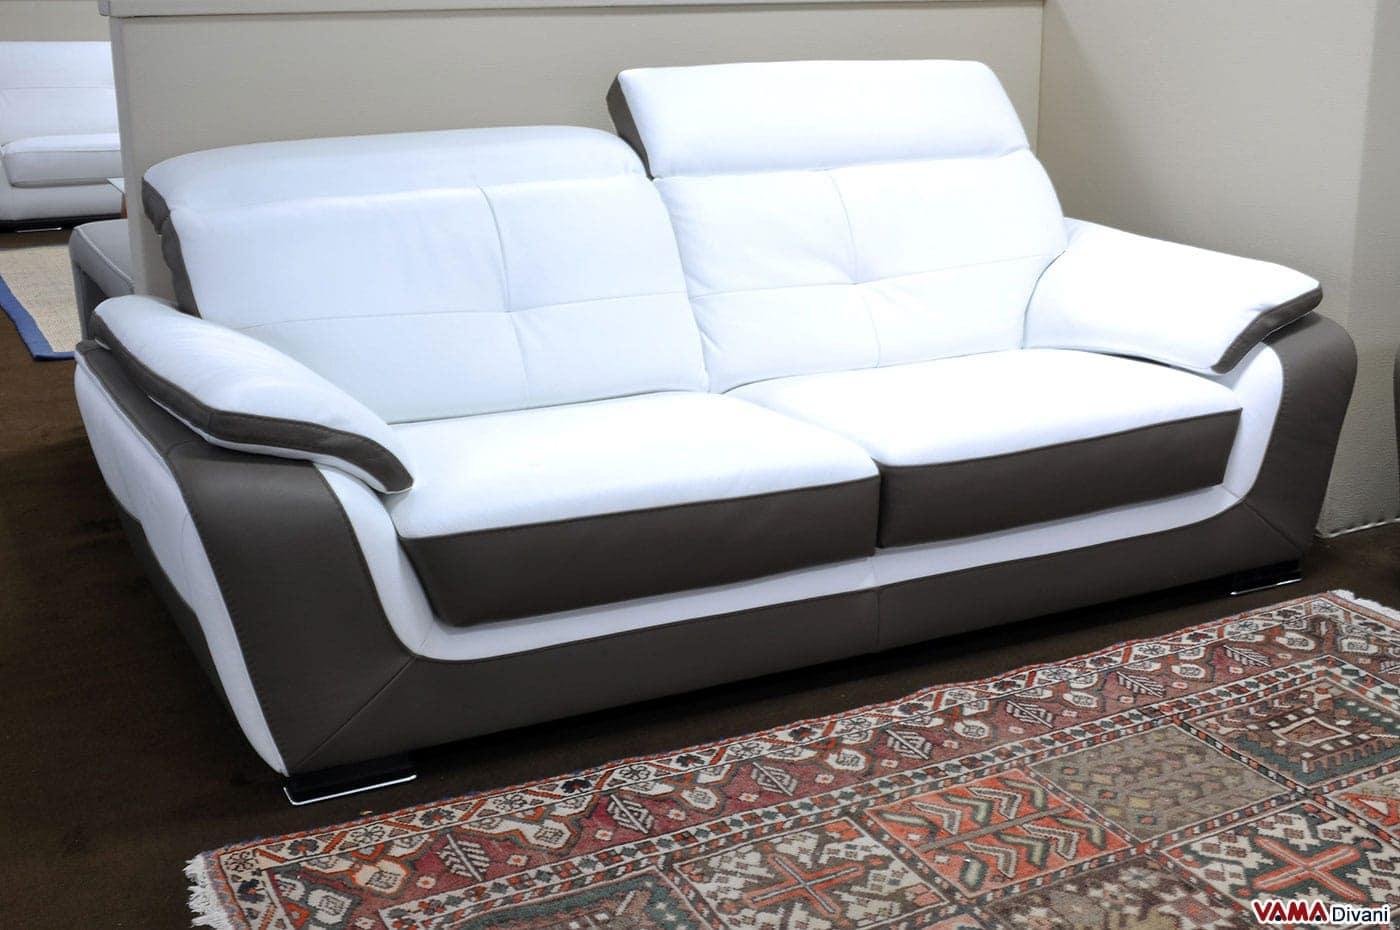 Stunning divano 3 posti letto contemporary for Smart relax divano letto prezzo